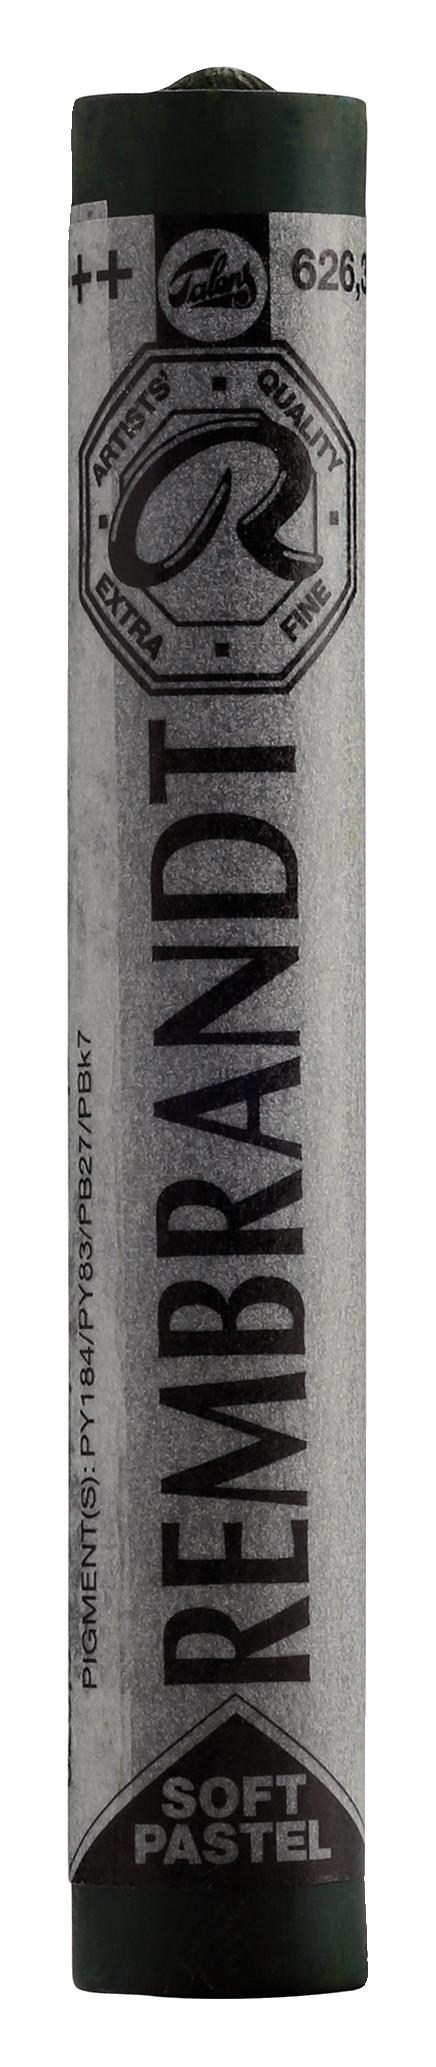 Rembrandt Soft Pastel Round Full Stick Cinnabar Green Light(3) (626.3)